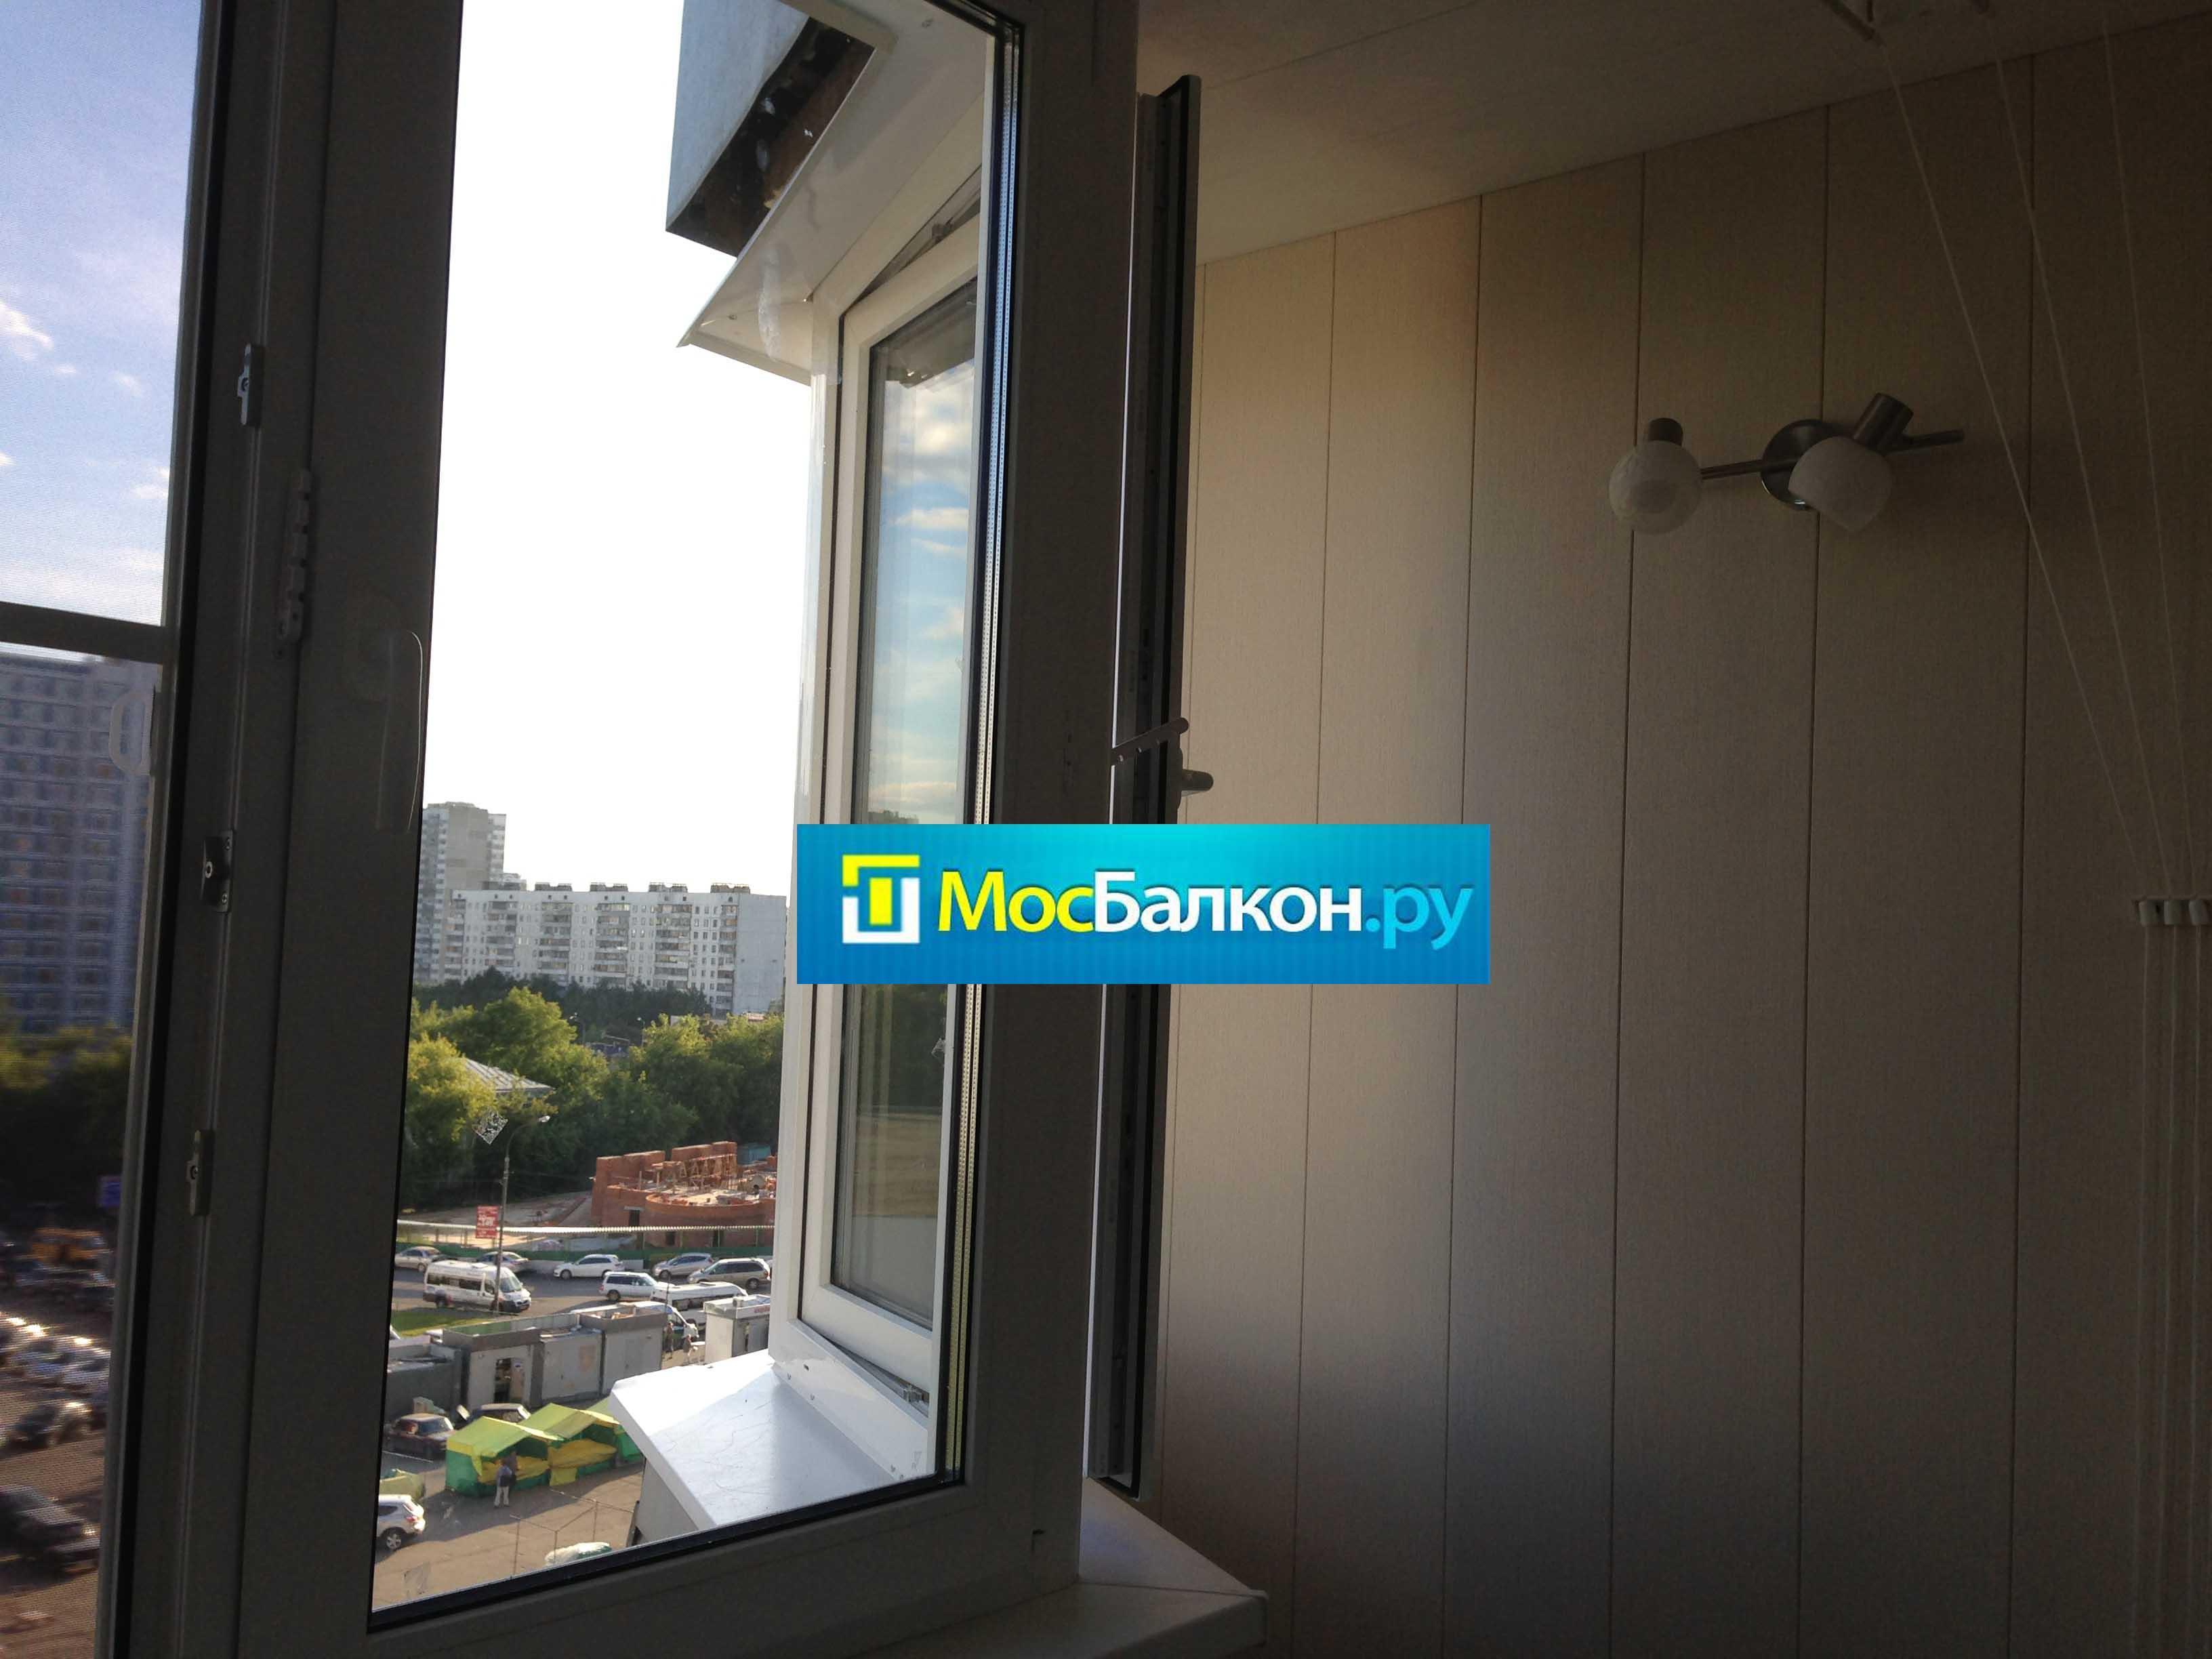 Остекление, утепление, отделка балконов в лобне мосбалкон.ру.